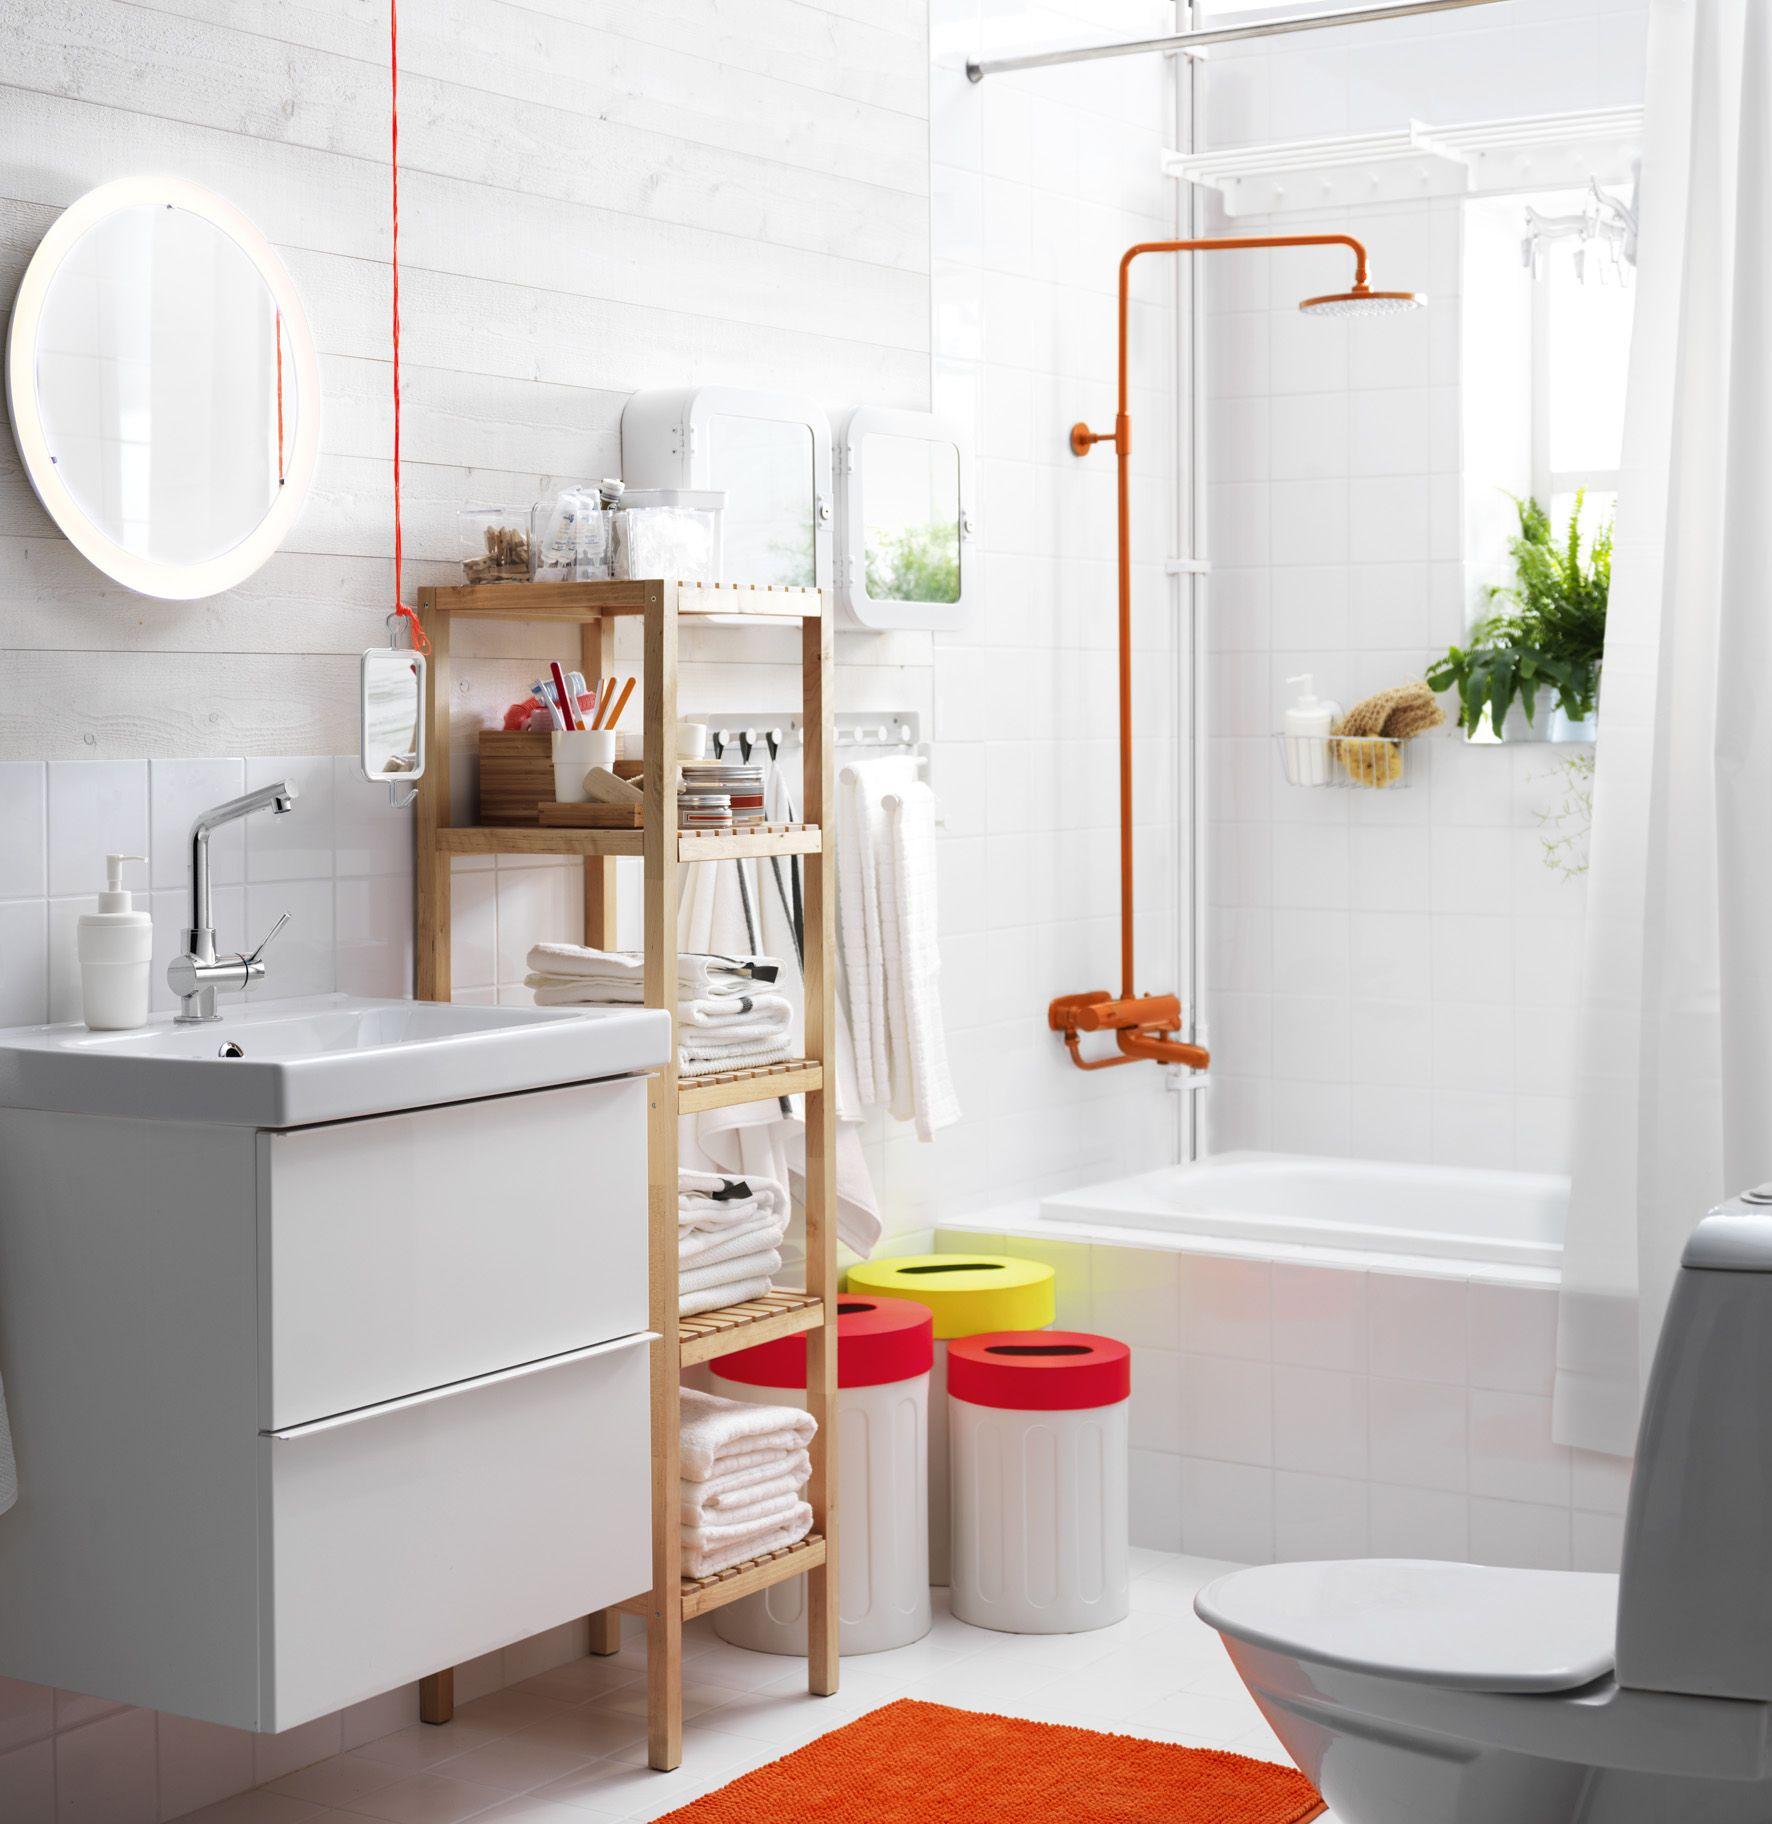 Badkamer met wit badkamermeubel GODMORGON van #IKEA ...